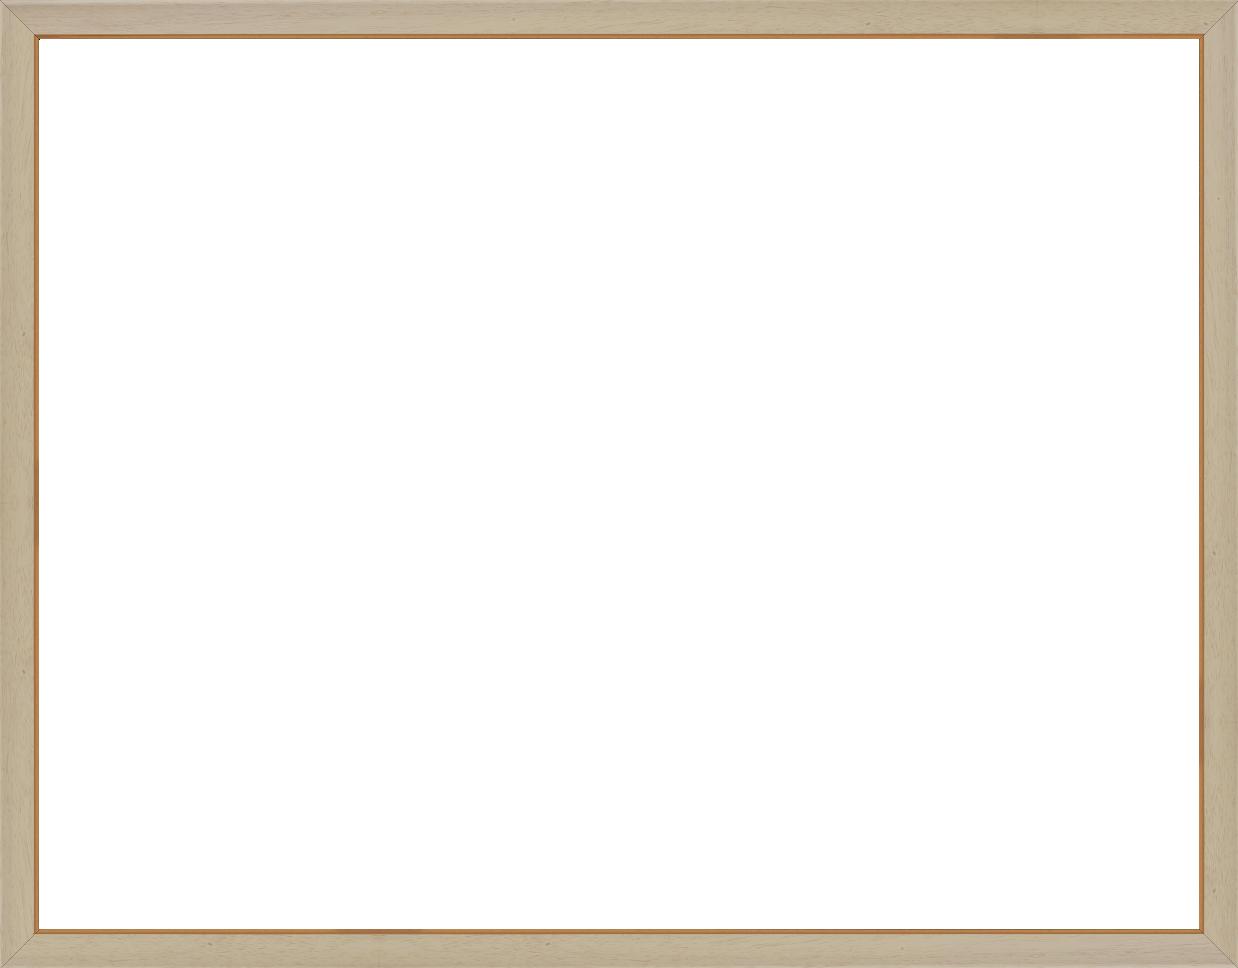 Cadre Pour Peinture Pour Peinture Bois Creme 116x89 Pas Cher Cadre